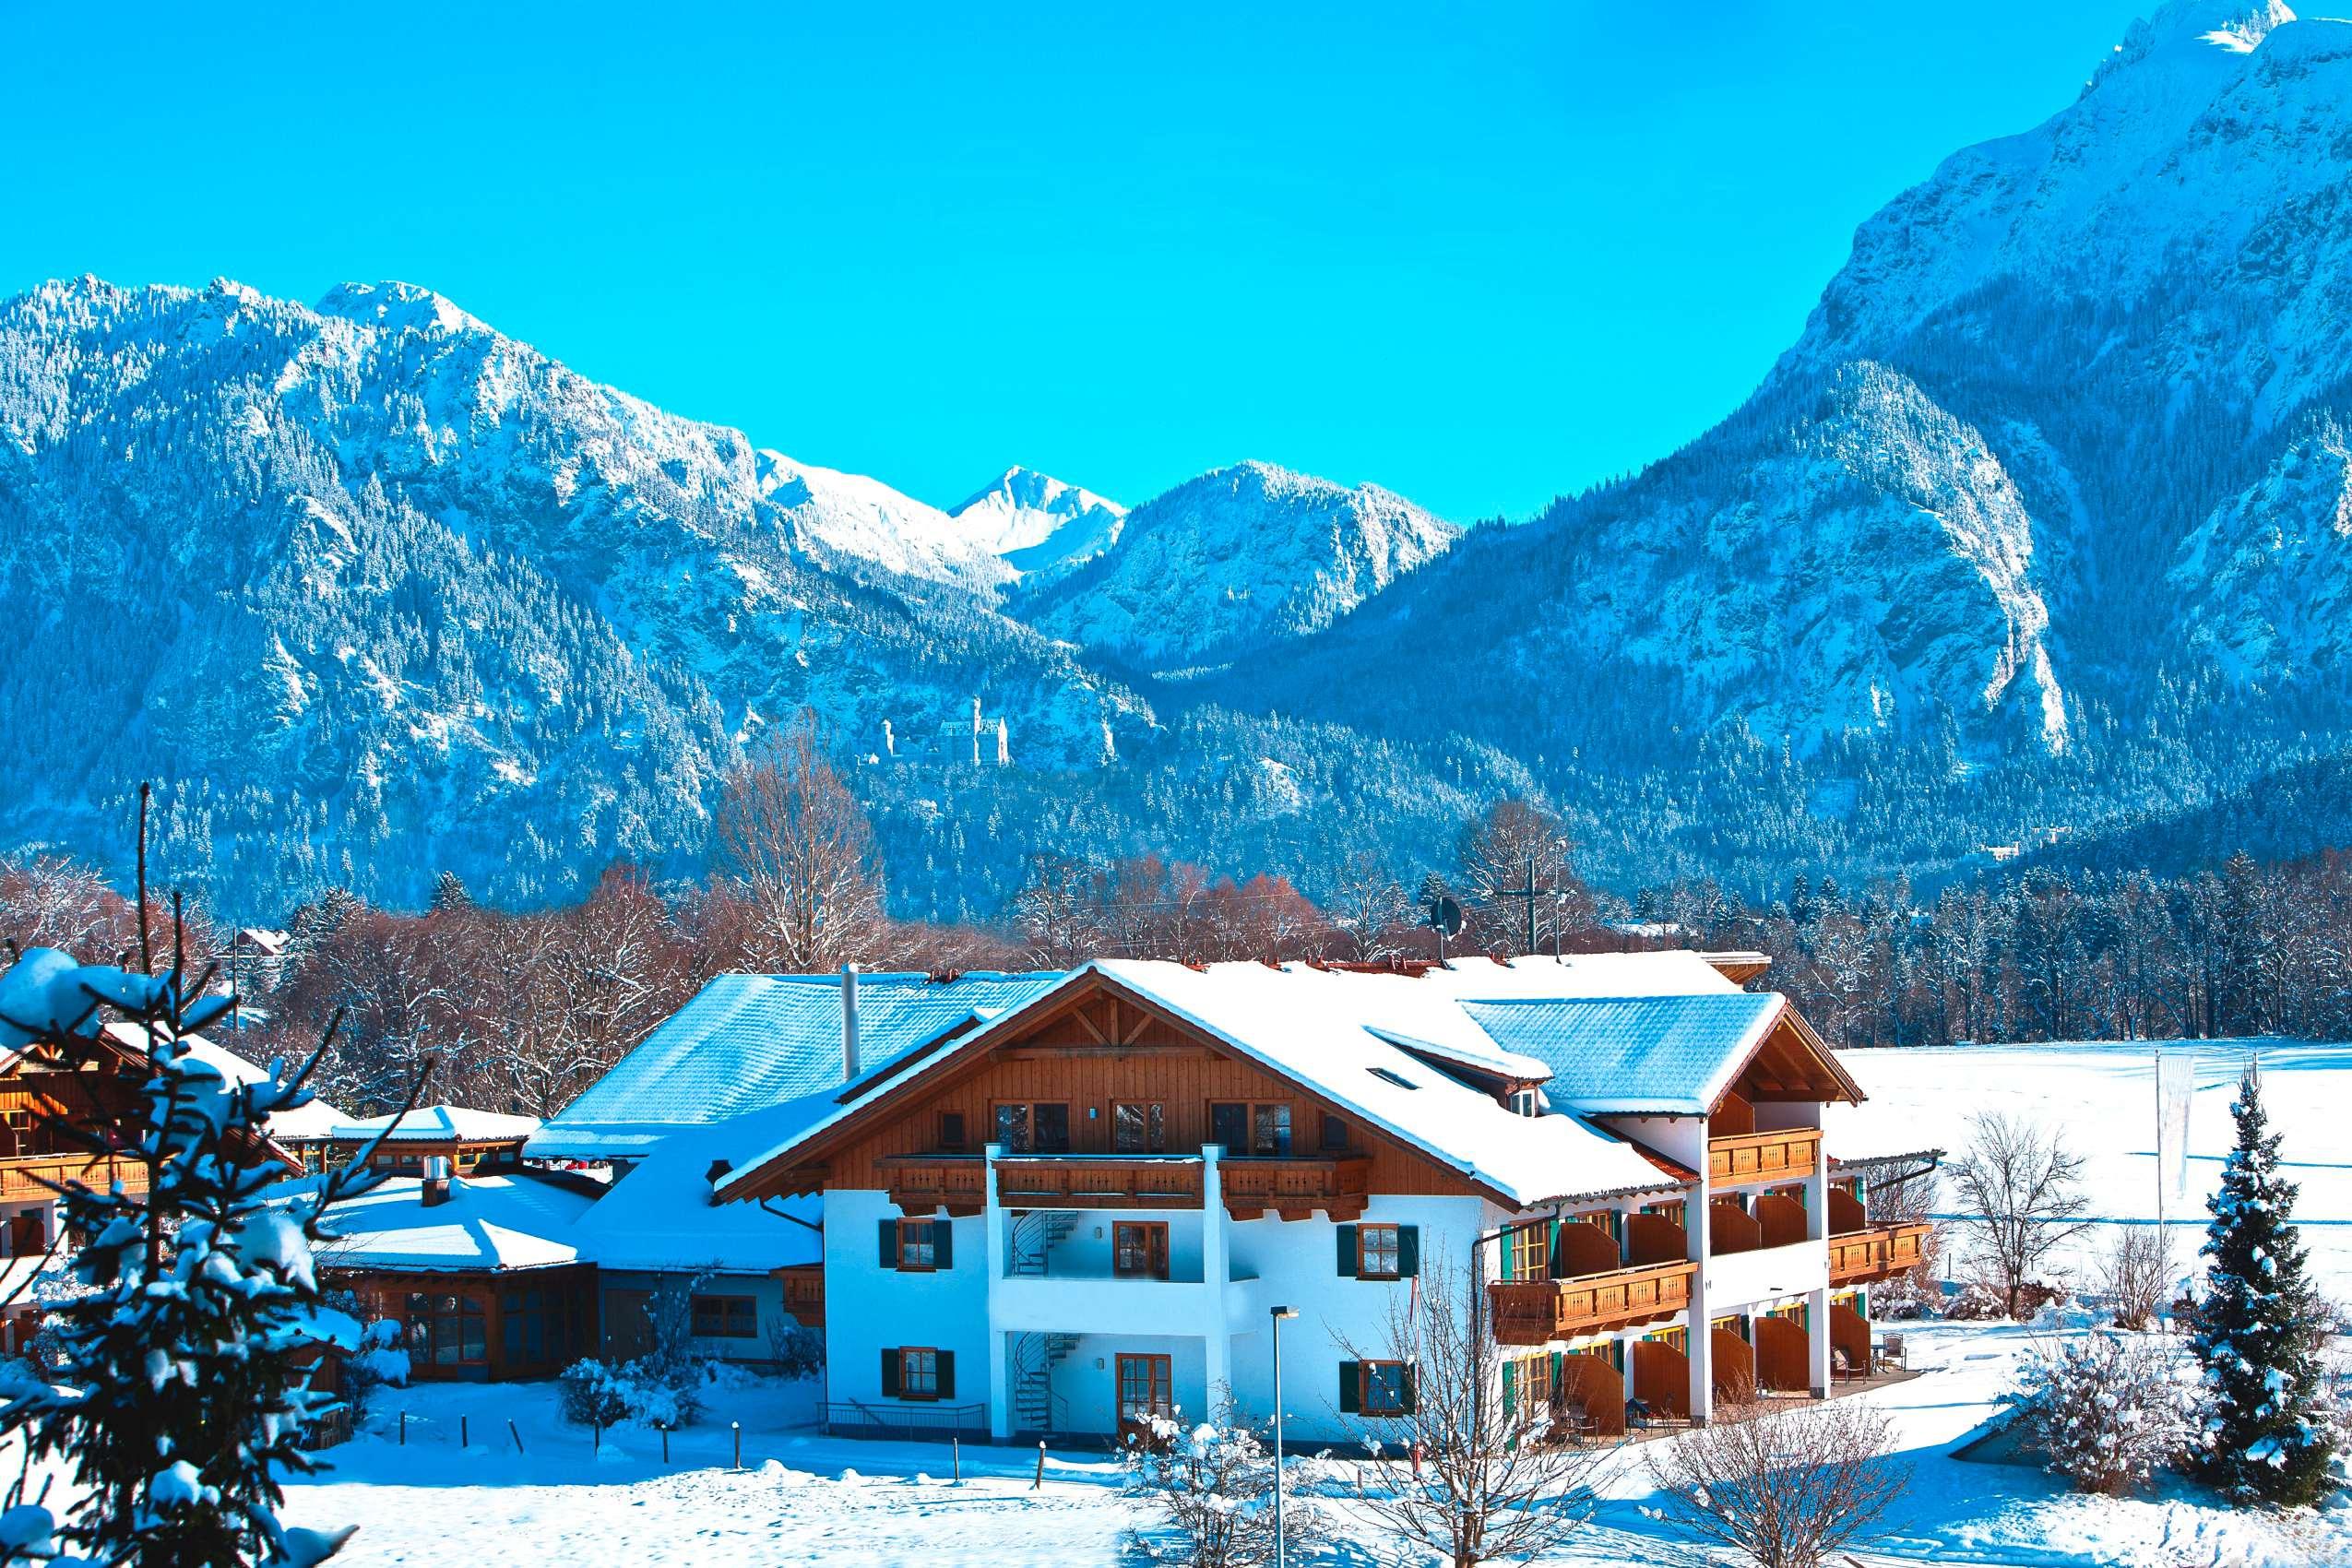 Hotelansicht_im_Schnee